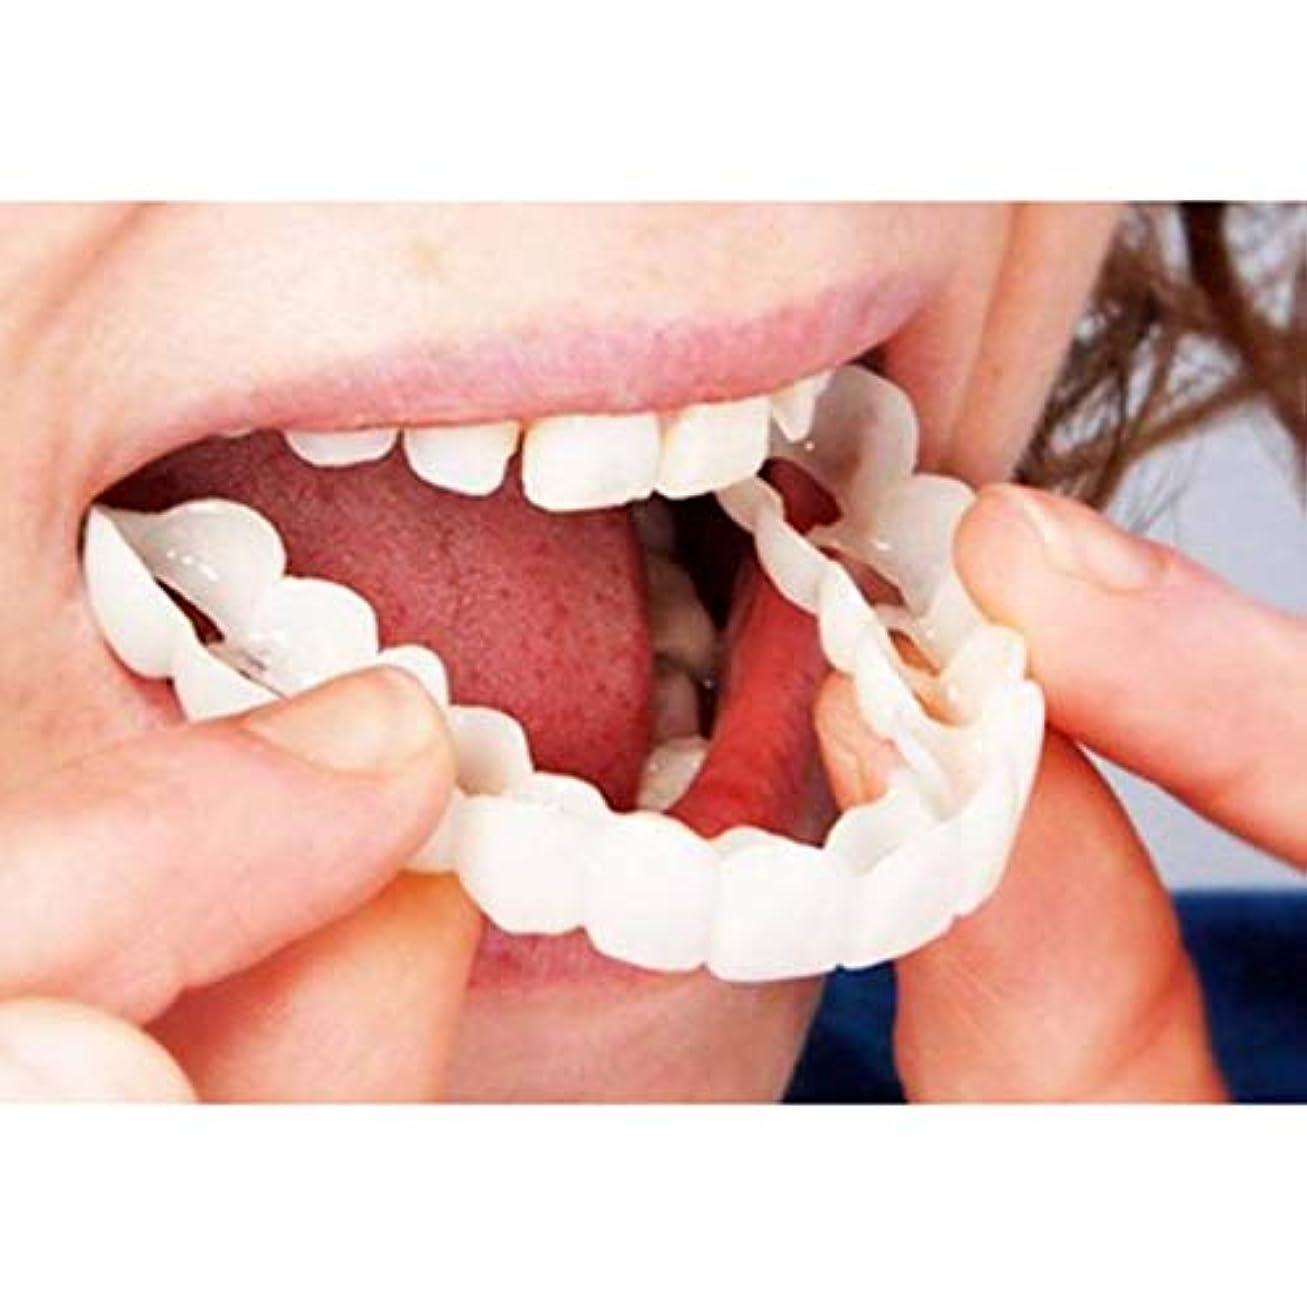 小道アニメーション散文インスタント快適なフレックスパーフェクトベニアの歯スナップキャップを白くする8組の歯の化粧品の模擬装具アッパーブレース+ロワーブレース